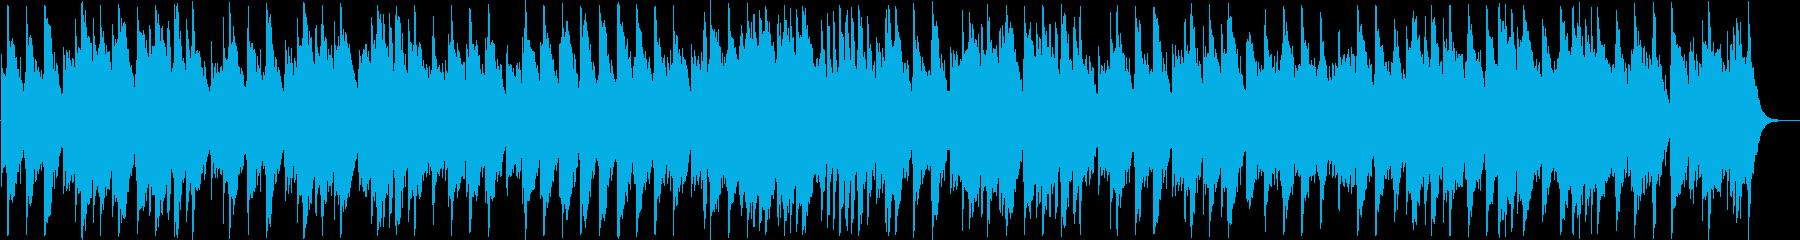 愛の夢 / リスト(オルゴール)の再生済みの波形